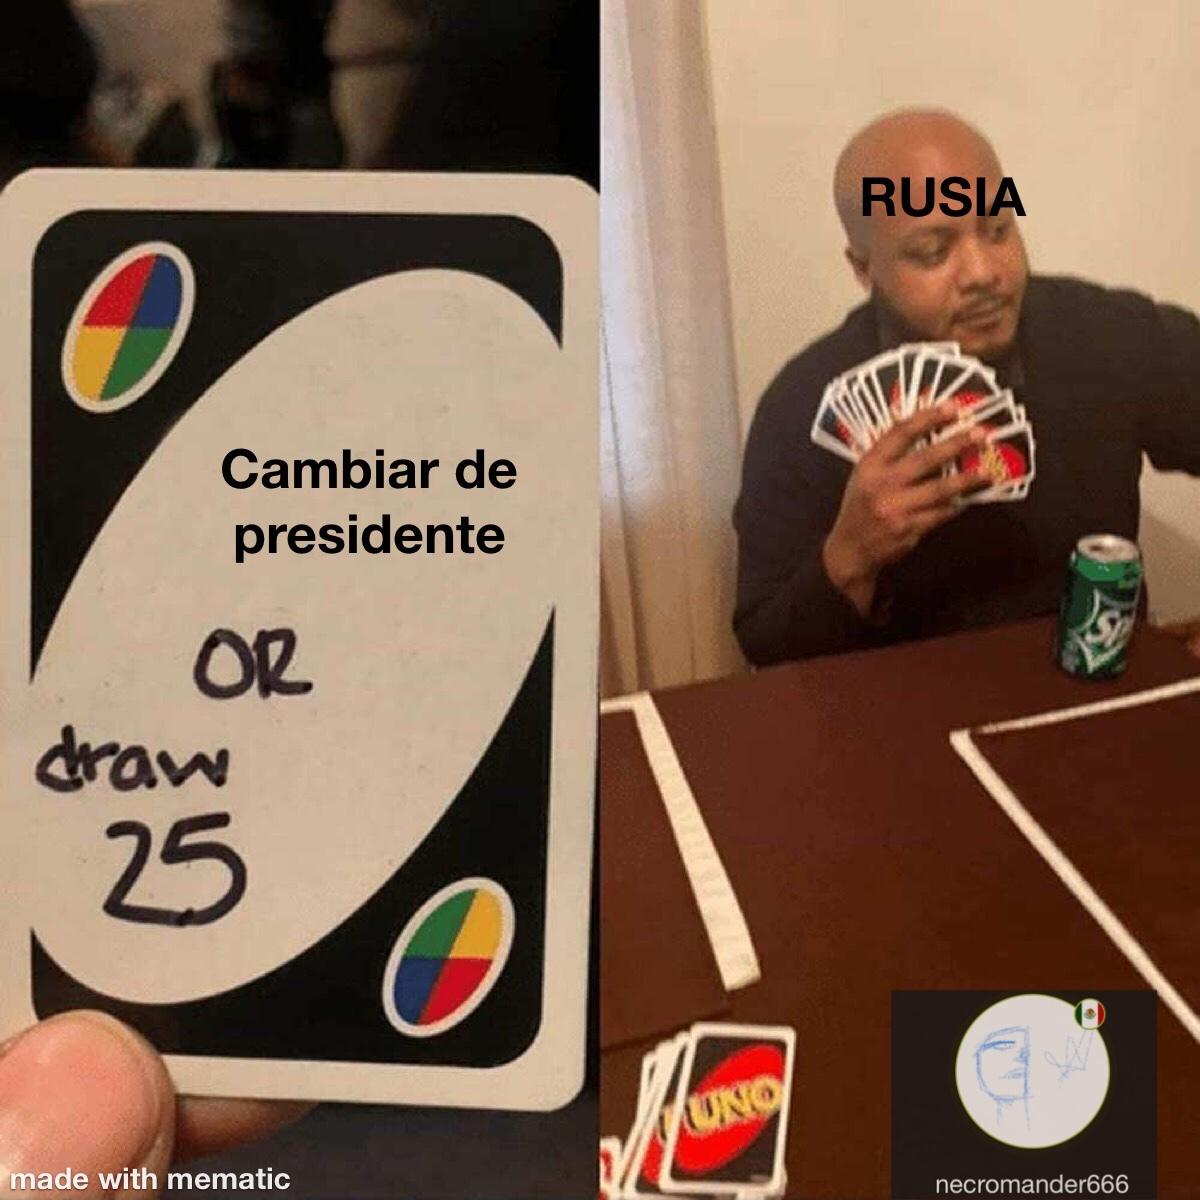 Rusia be like - meme